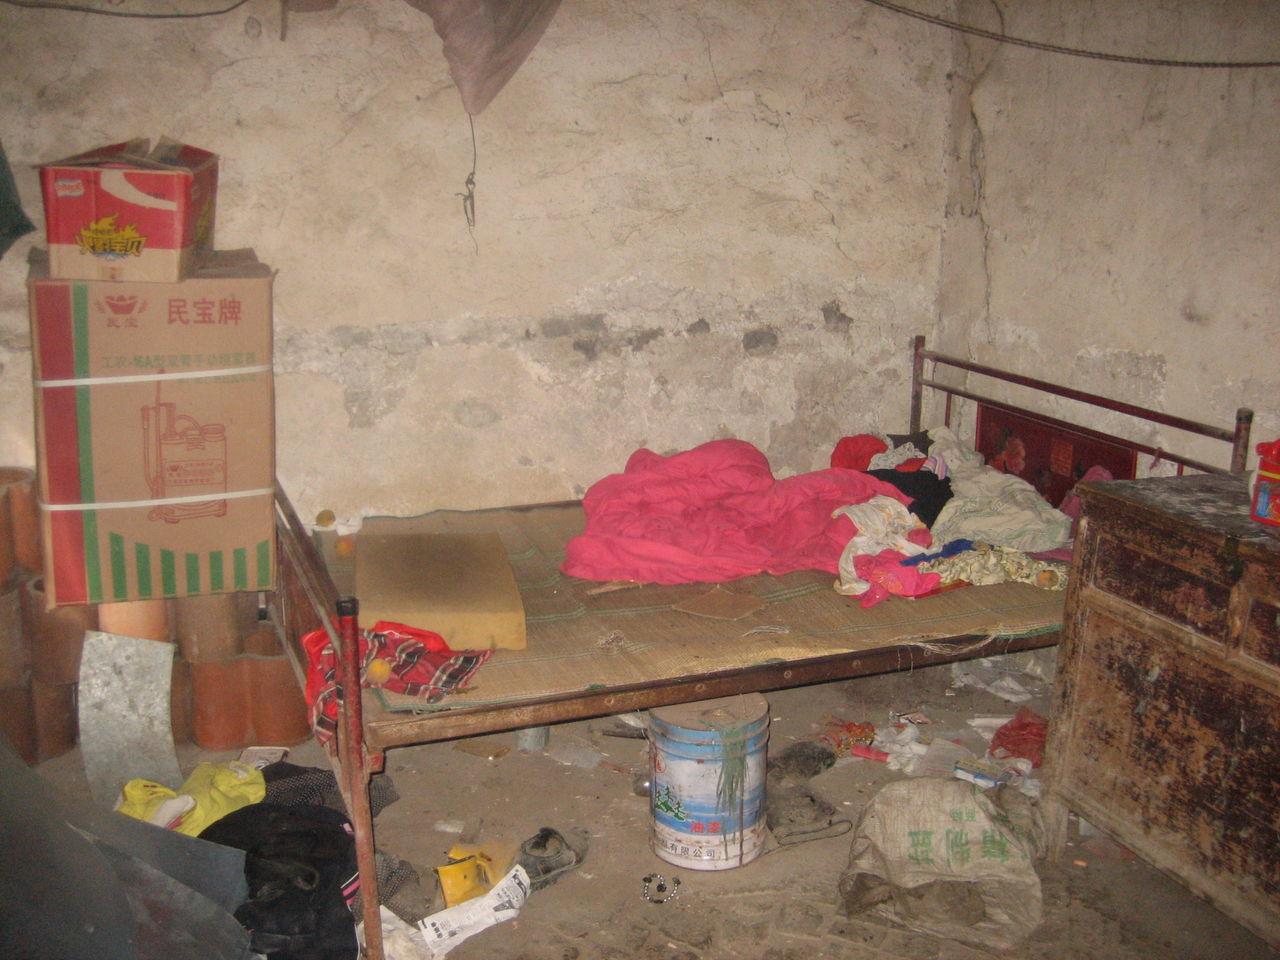 淮北农村的贫困家庭生活 高清图片